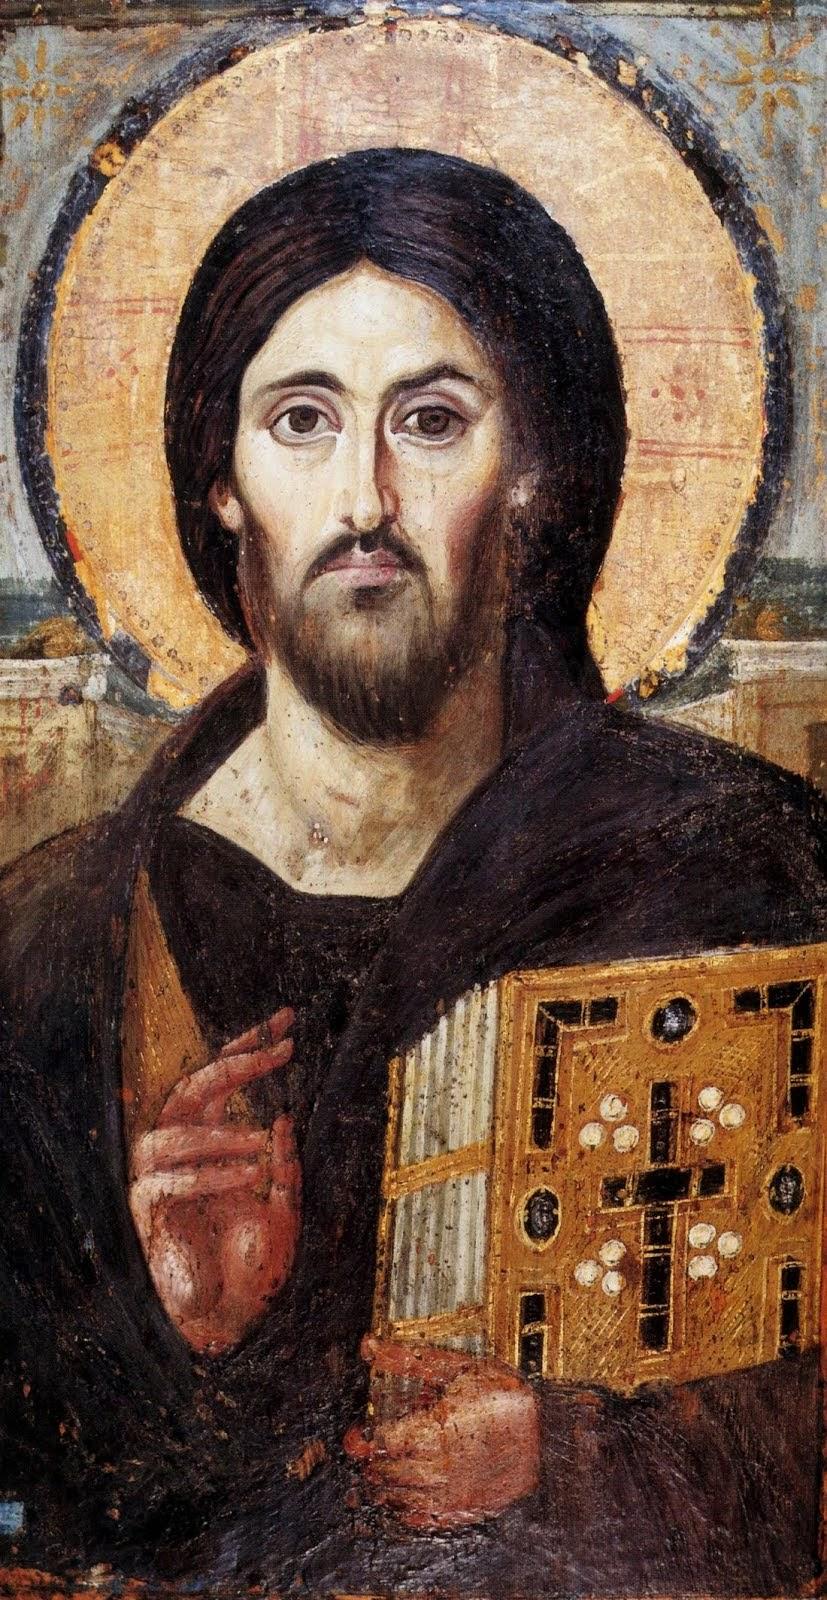 † Κύριε ημών Ιησού Χριστέ, Υιέ Θεού, ΕΛΕΗΣΟΝ ΗΜΑΣ